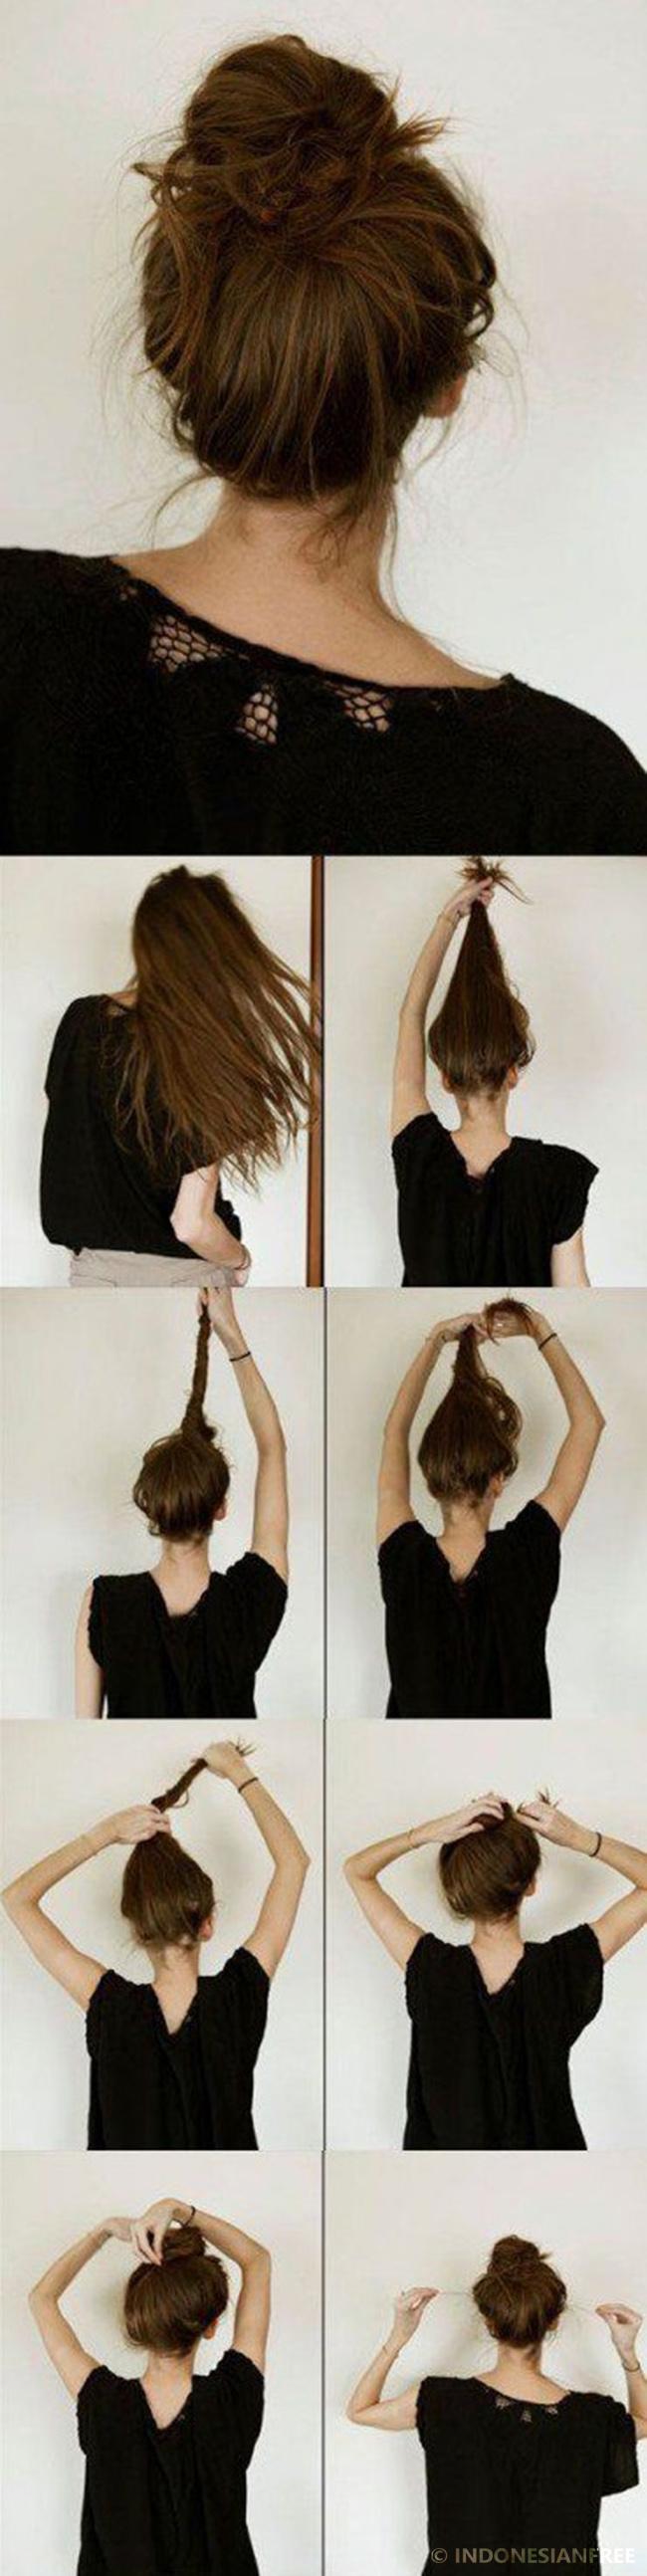 cara mengikat rambut yang cantik dan mudah